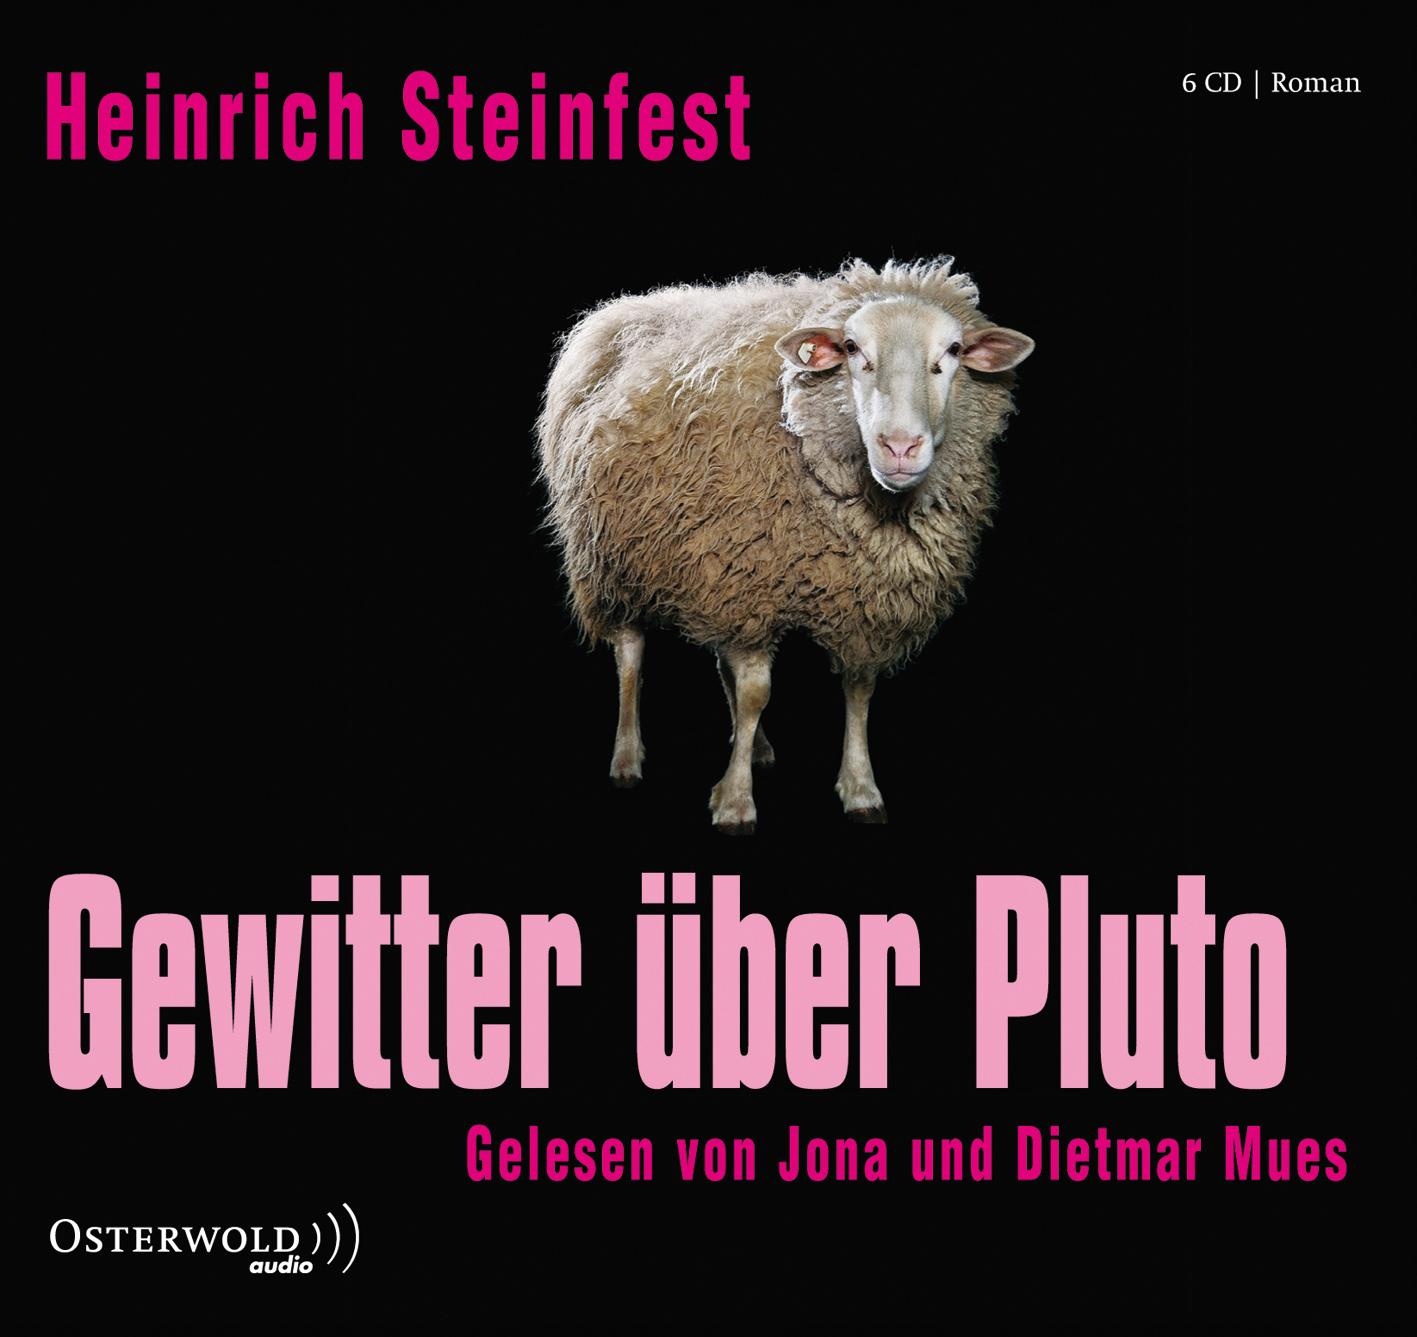 Gewitter über Pluto